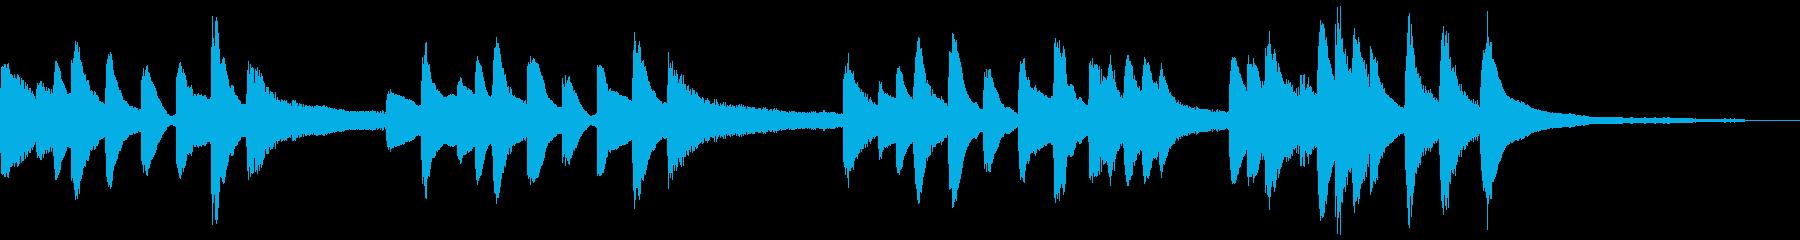 ゲーム向けピアノソロの敗北時BGMの再生済みの波形